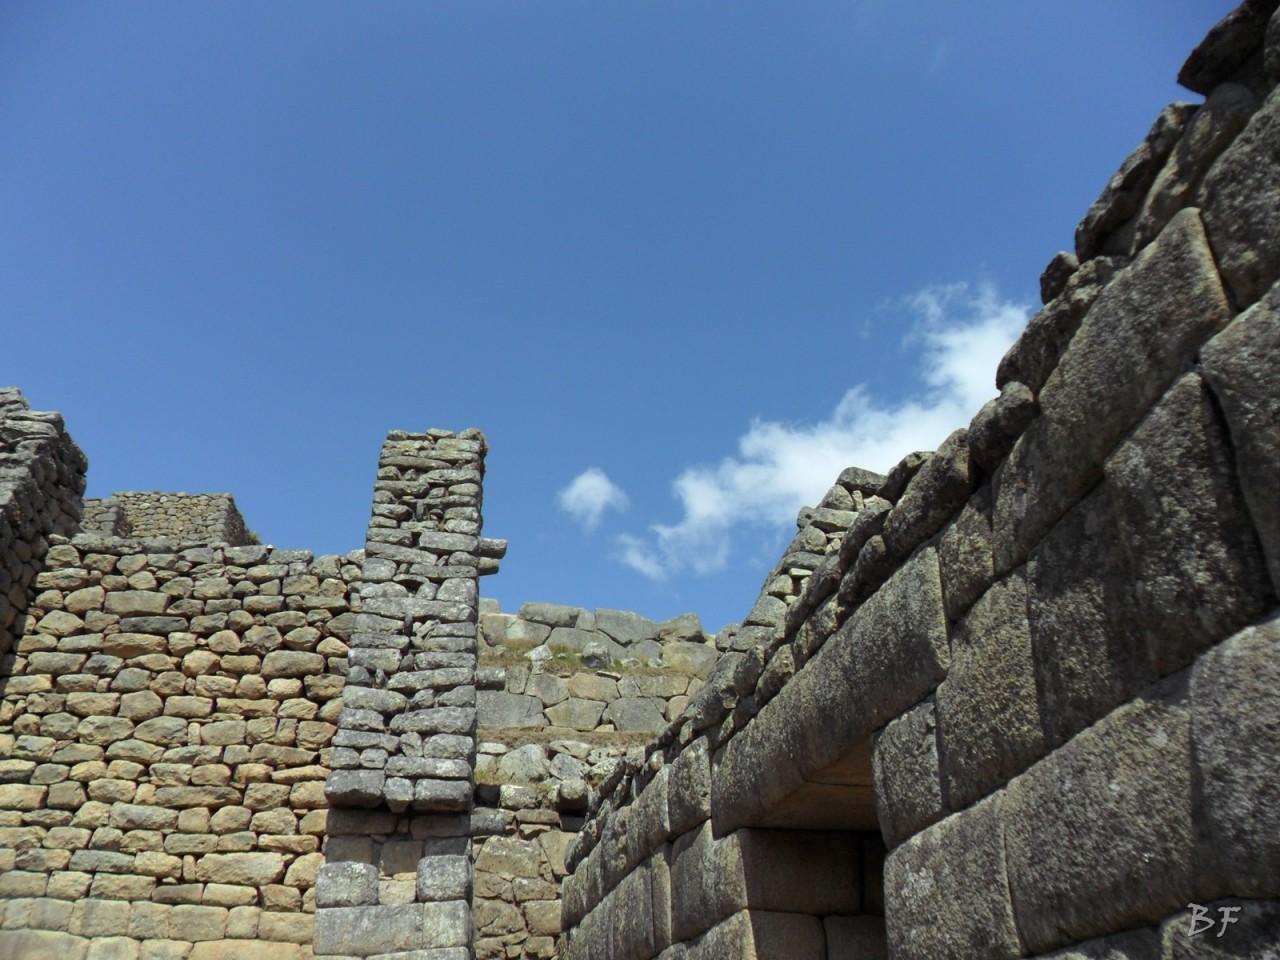 Mura-Poligonali-Incisioni-Altari-Edifici-Rupestri-Megaliti-Machu-Picchu-Aguas-Calientes-Urubamba-Cusco-Perù-33